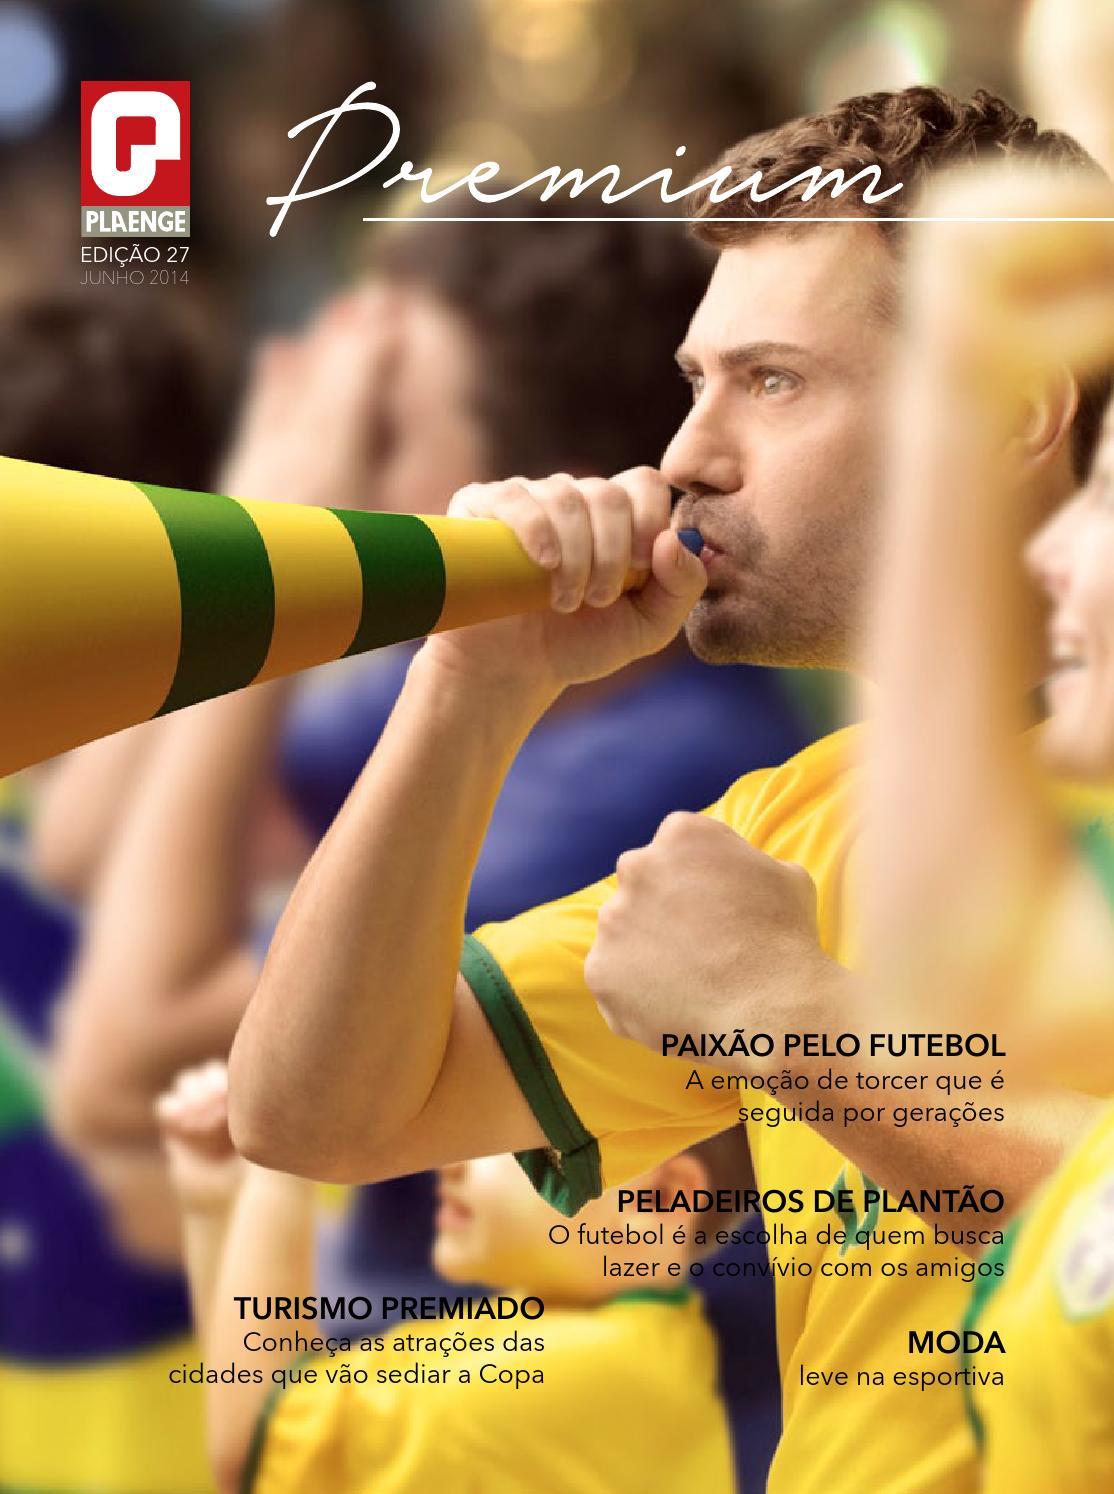 Plaenge Premium   Jun Jul Ago 2014   Paixão Pelo Futebol by Plaenge - issuu 3d359755e4